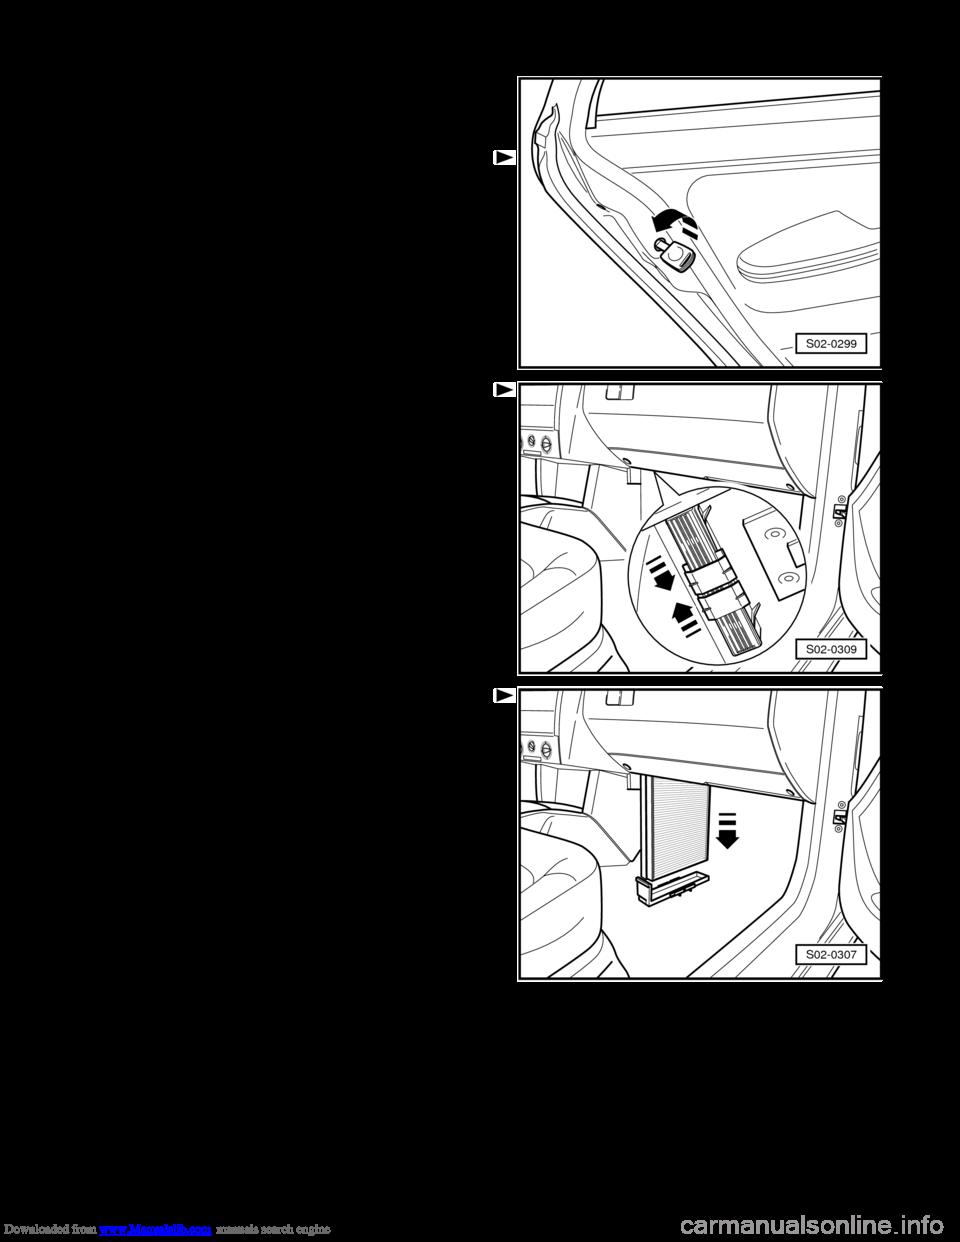 medium resolution of skoda fabia 2000 1 g 6y workshop manual page 73